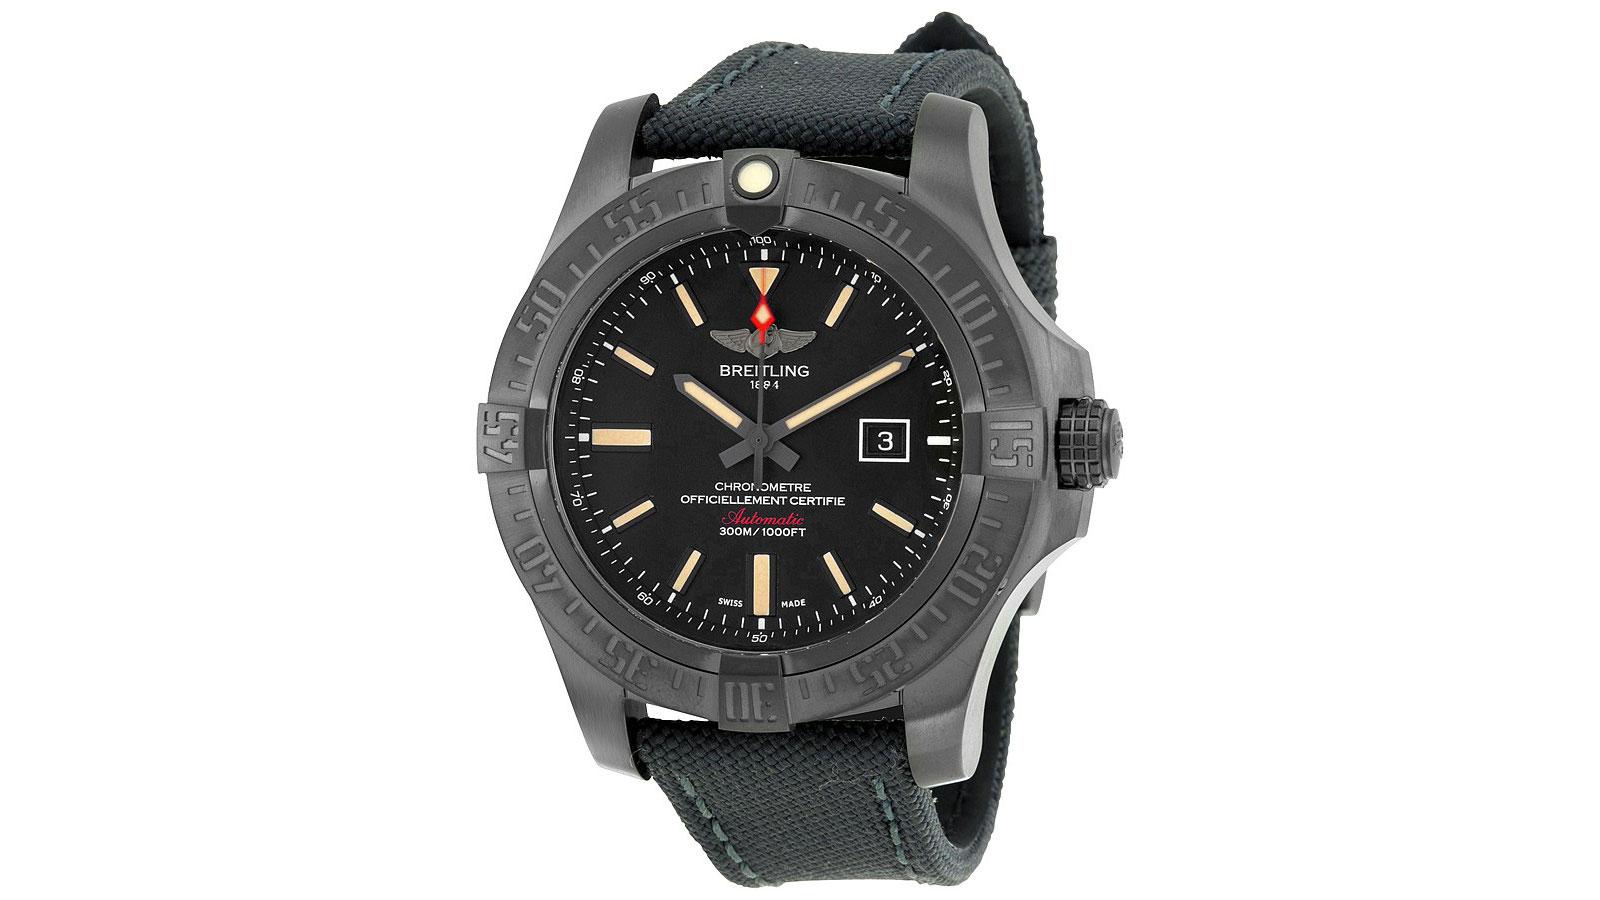 Breitling Blackbird Pilot Watch | the best pilot watches for men